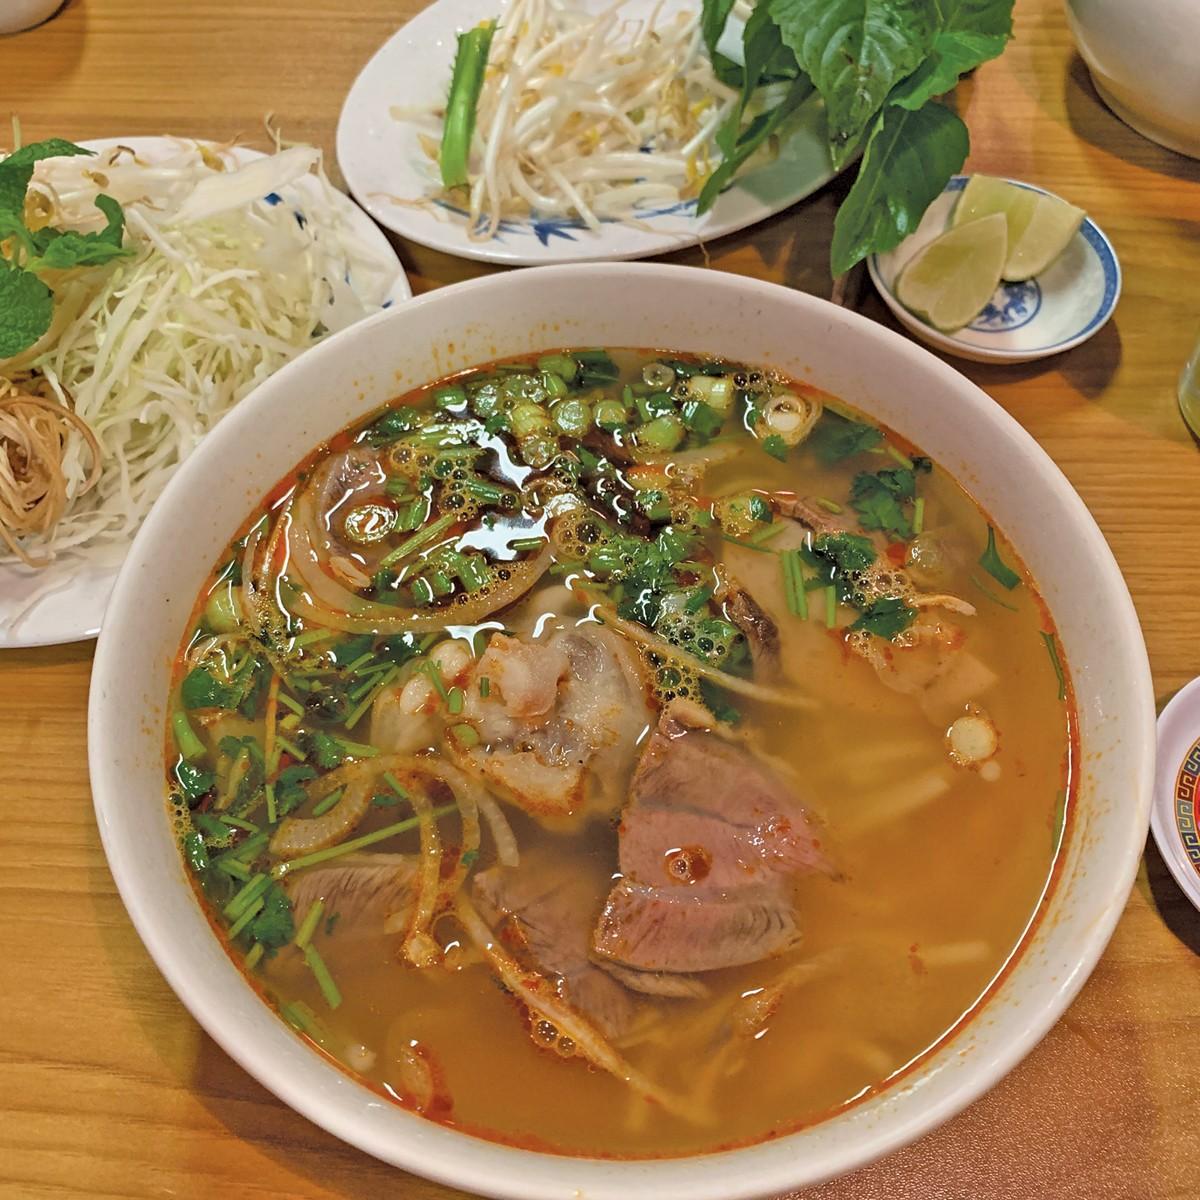 eat1-pholee-photobydougtrattner.jpg